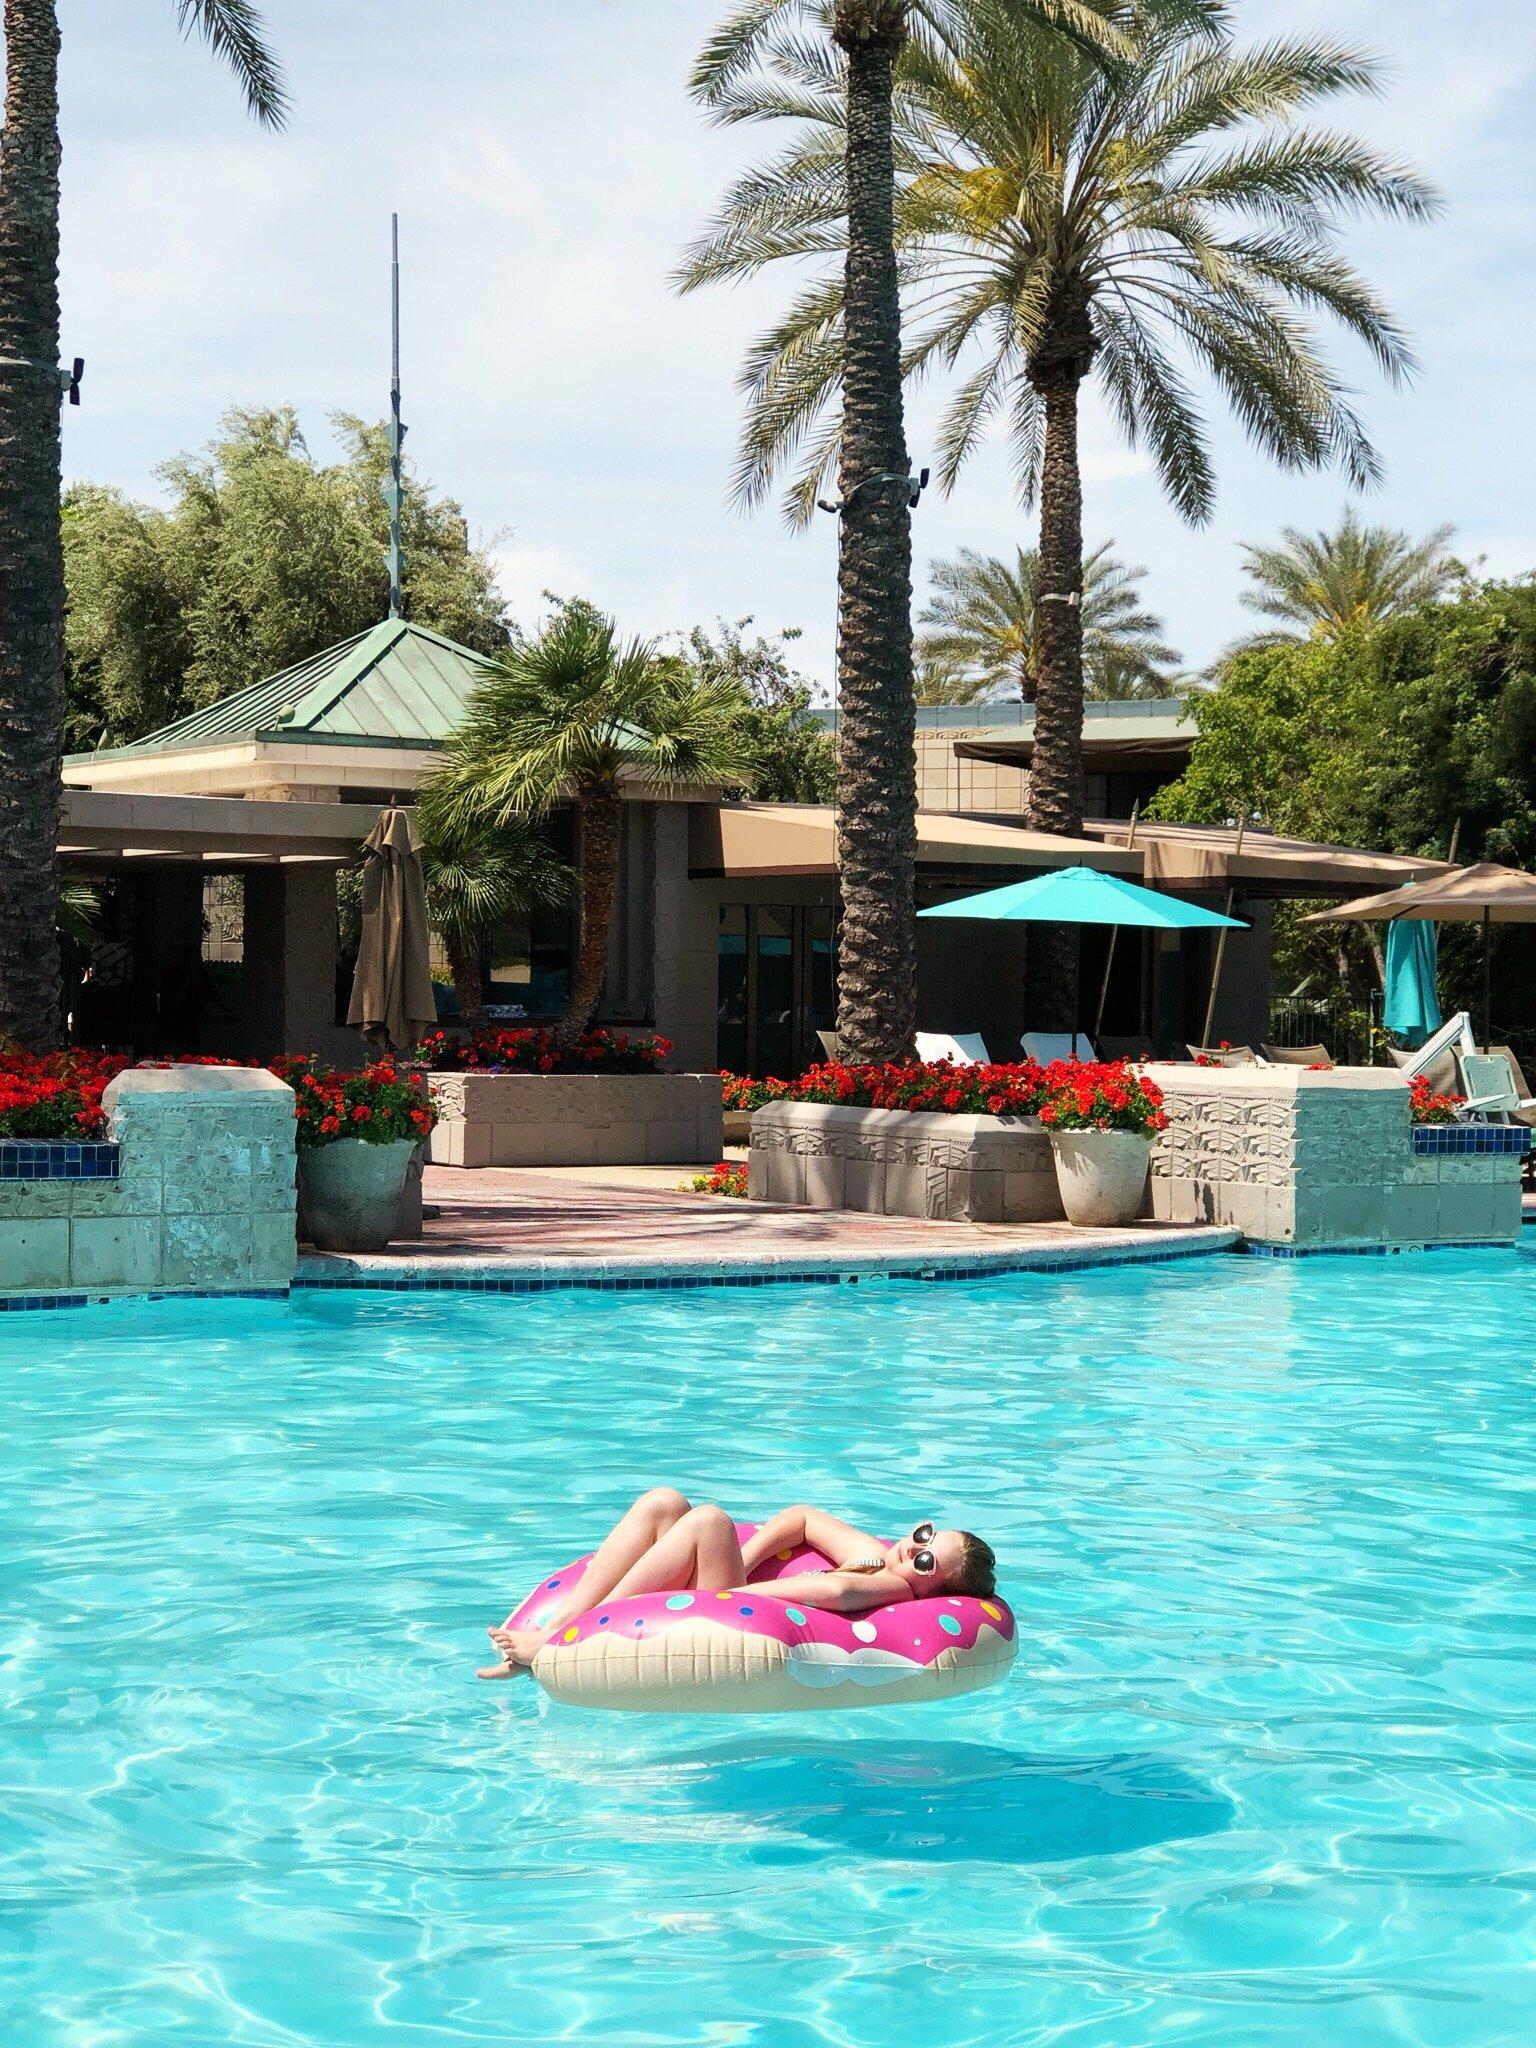 arizona biltmore pool